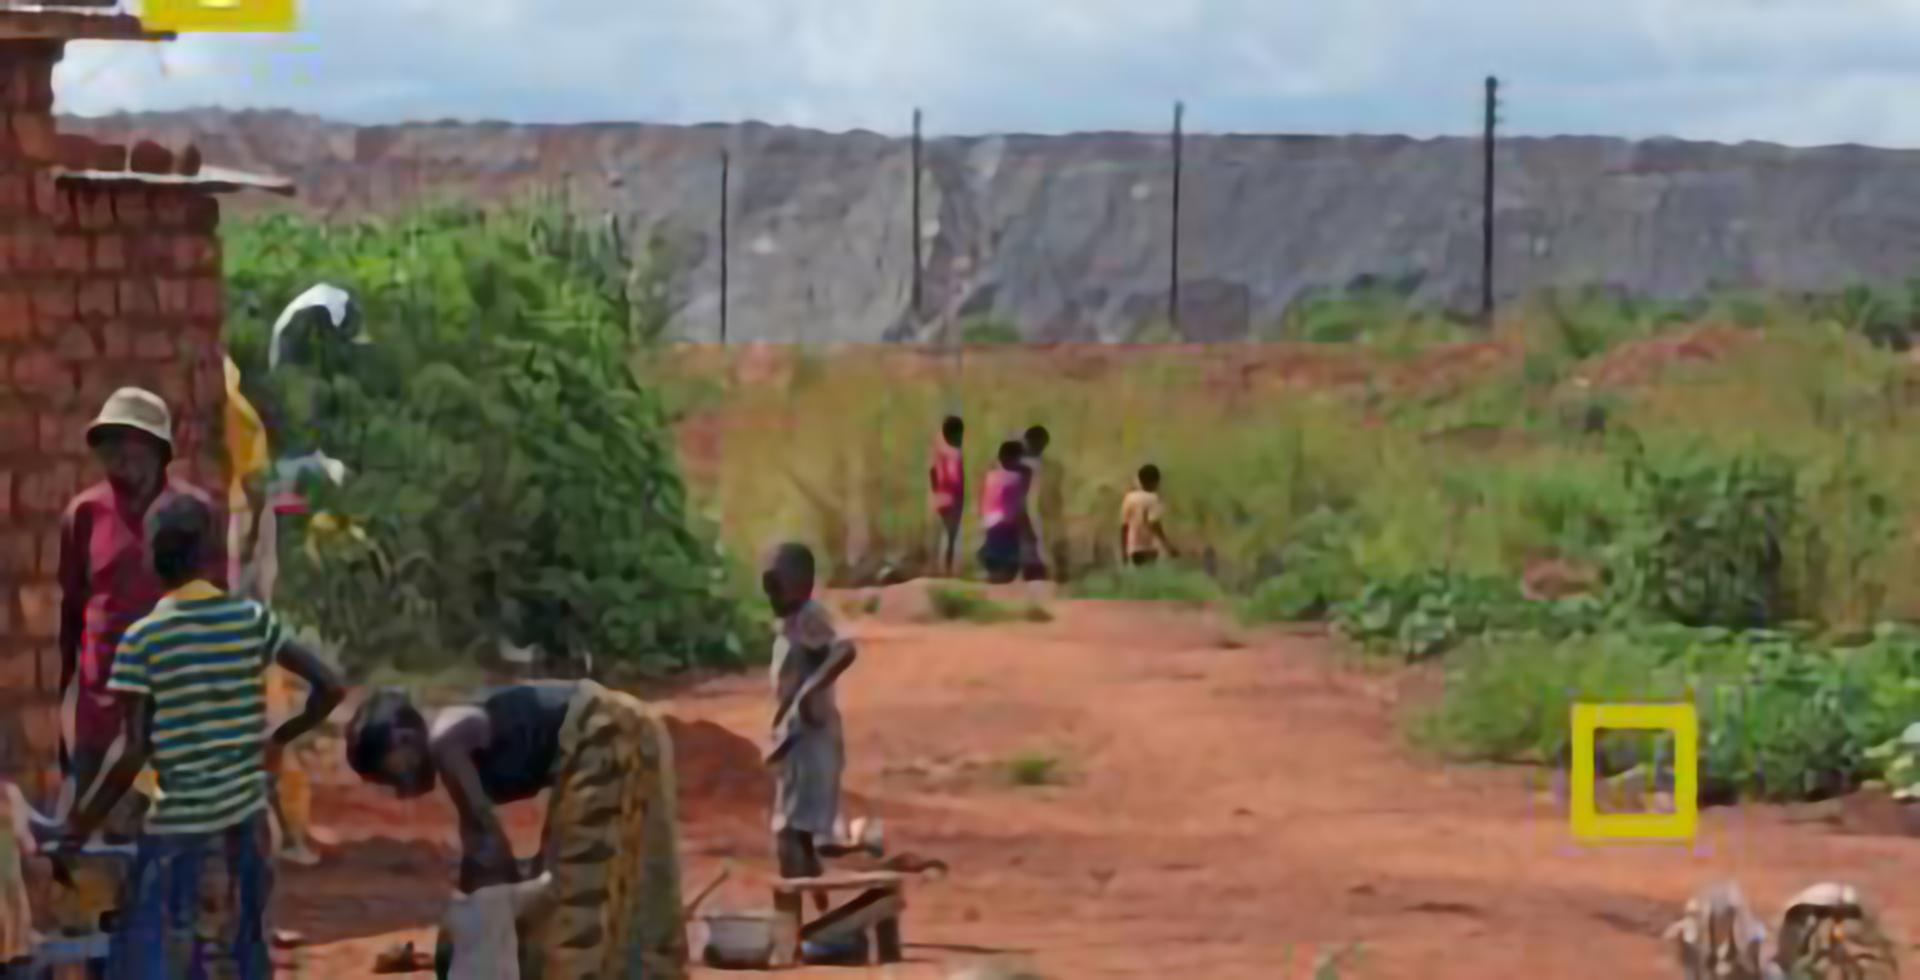 L'extraction du cobalt au Congo porte systématiquement préjudice aux communautés locales